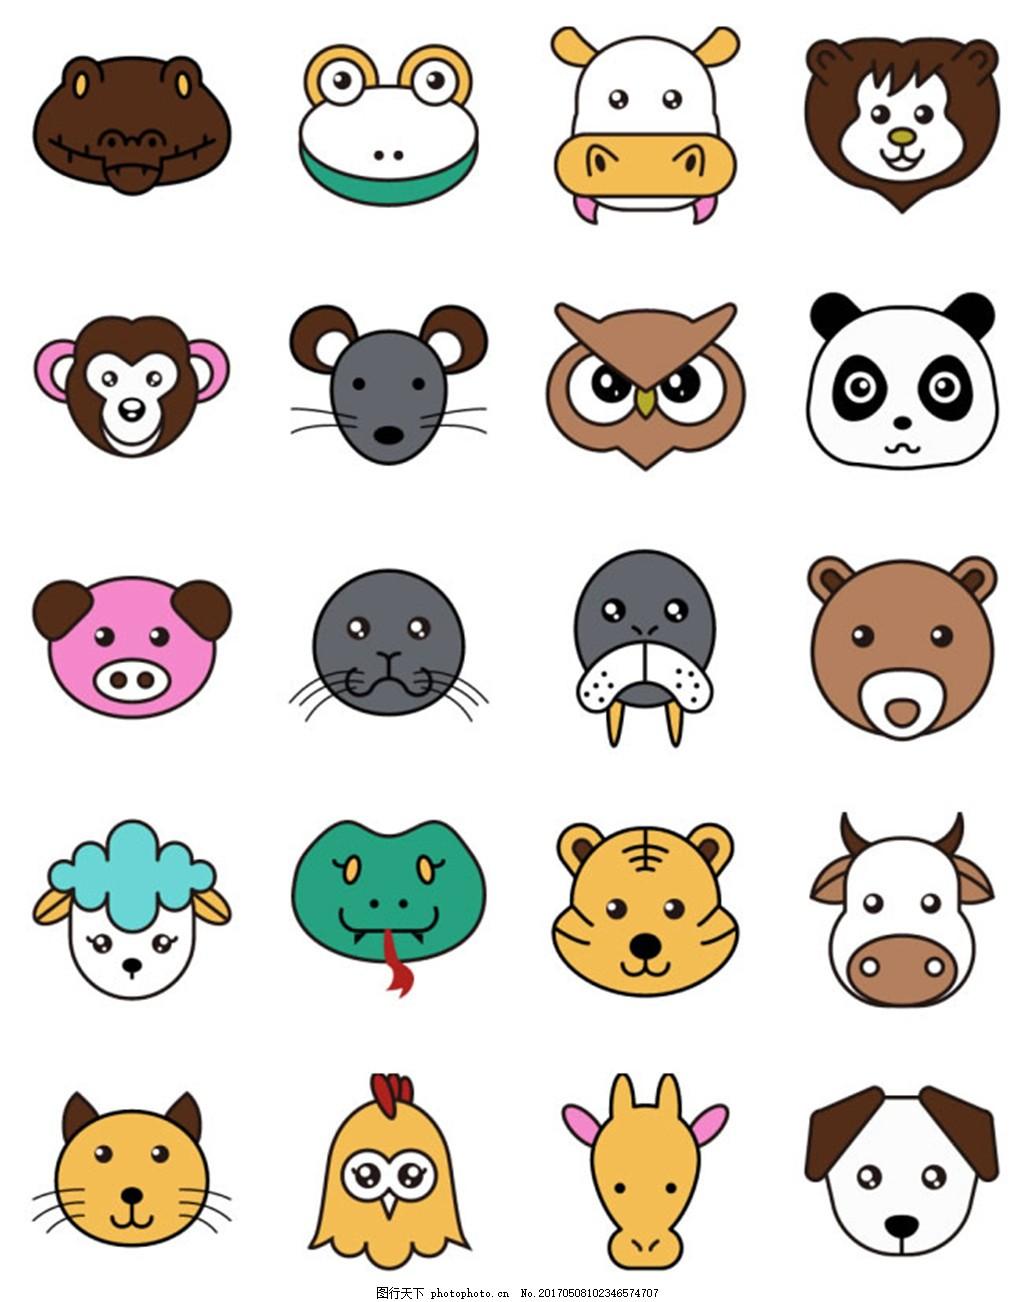 22款小动物图标素材